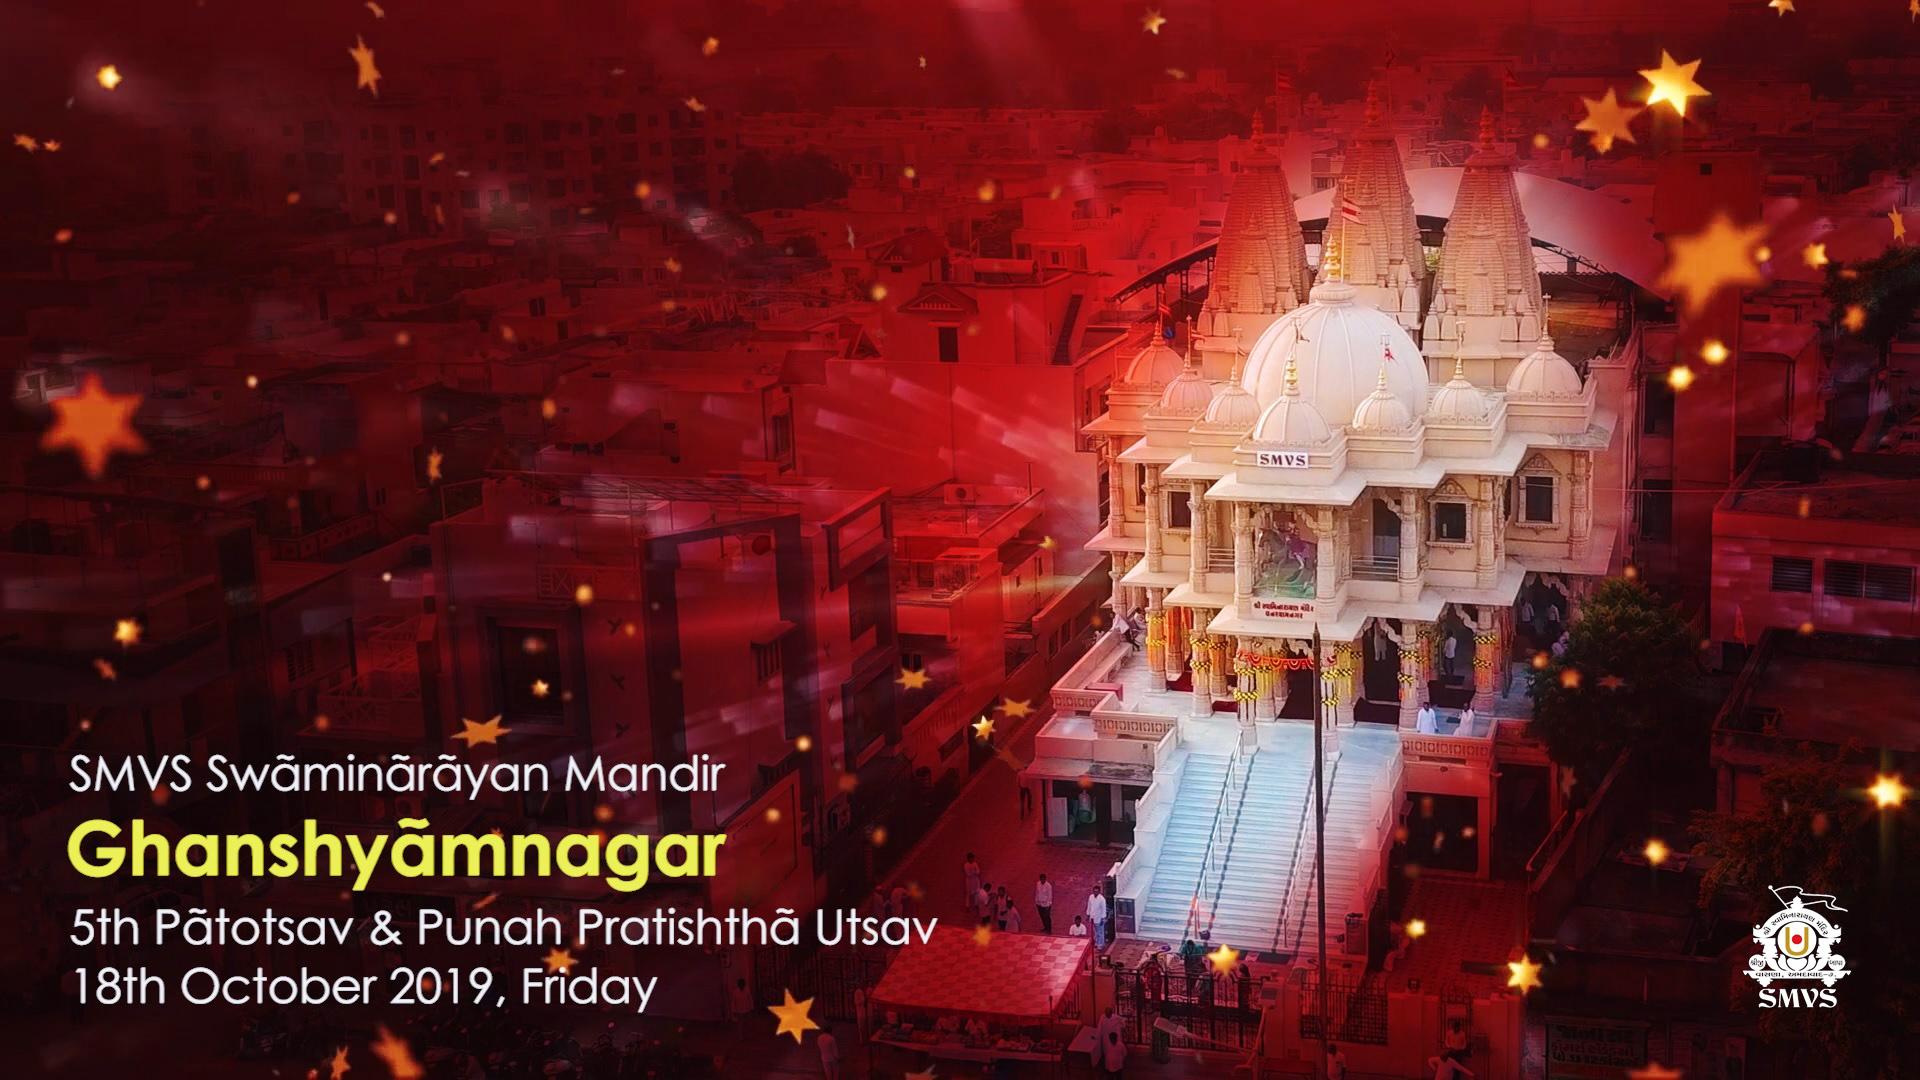 SMVS Swaminarayan Mandir 5th Patotsav & Punah Pratistha Utsav - Ghanshyamnagar